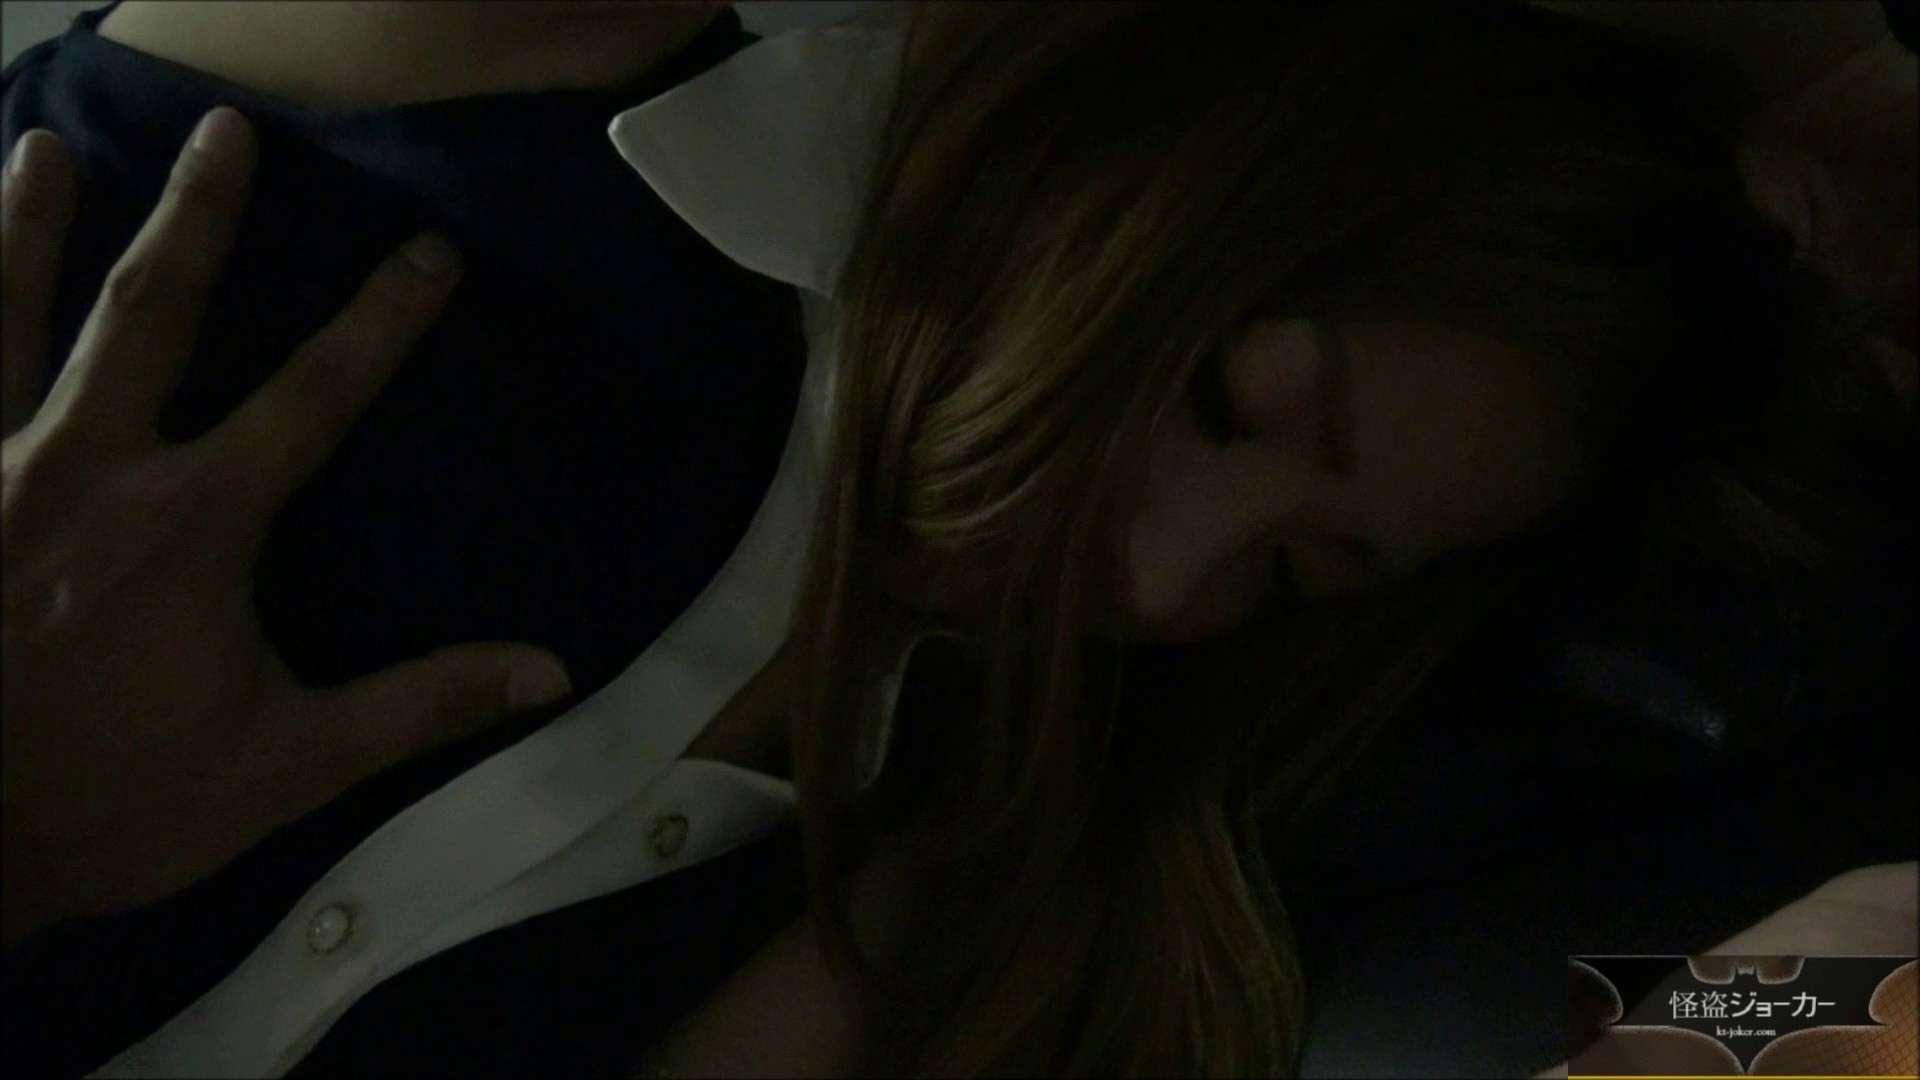 【未公開】vol.87 {茶髪美巨乳ギャル}アミちゃんのヌルヌル液w いじくり おまんこ無修正動画無料 55画像 23